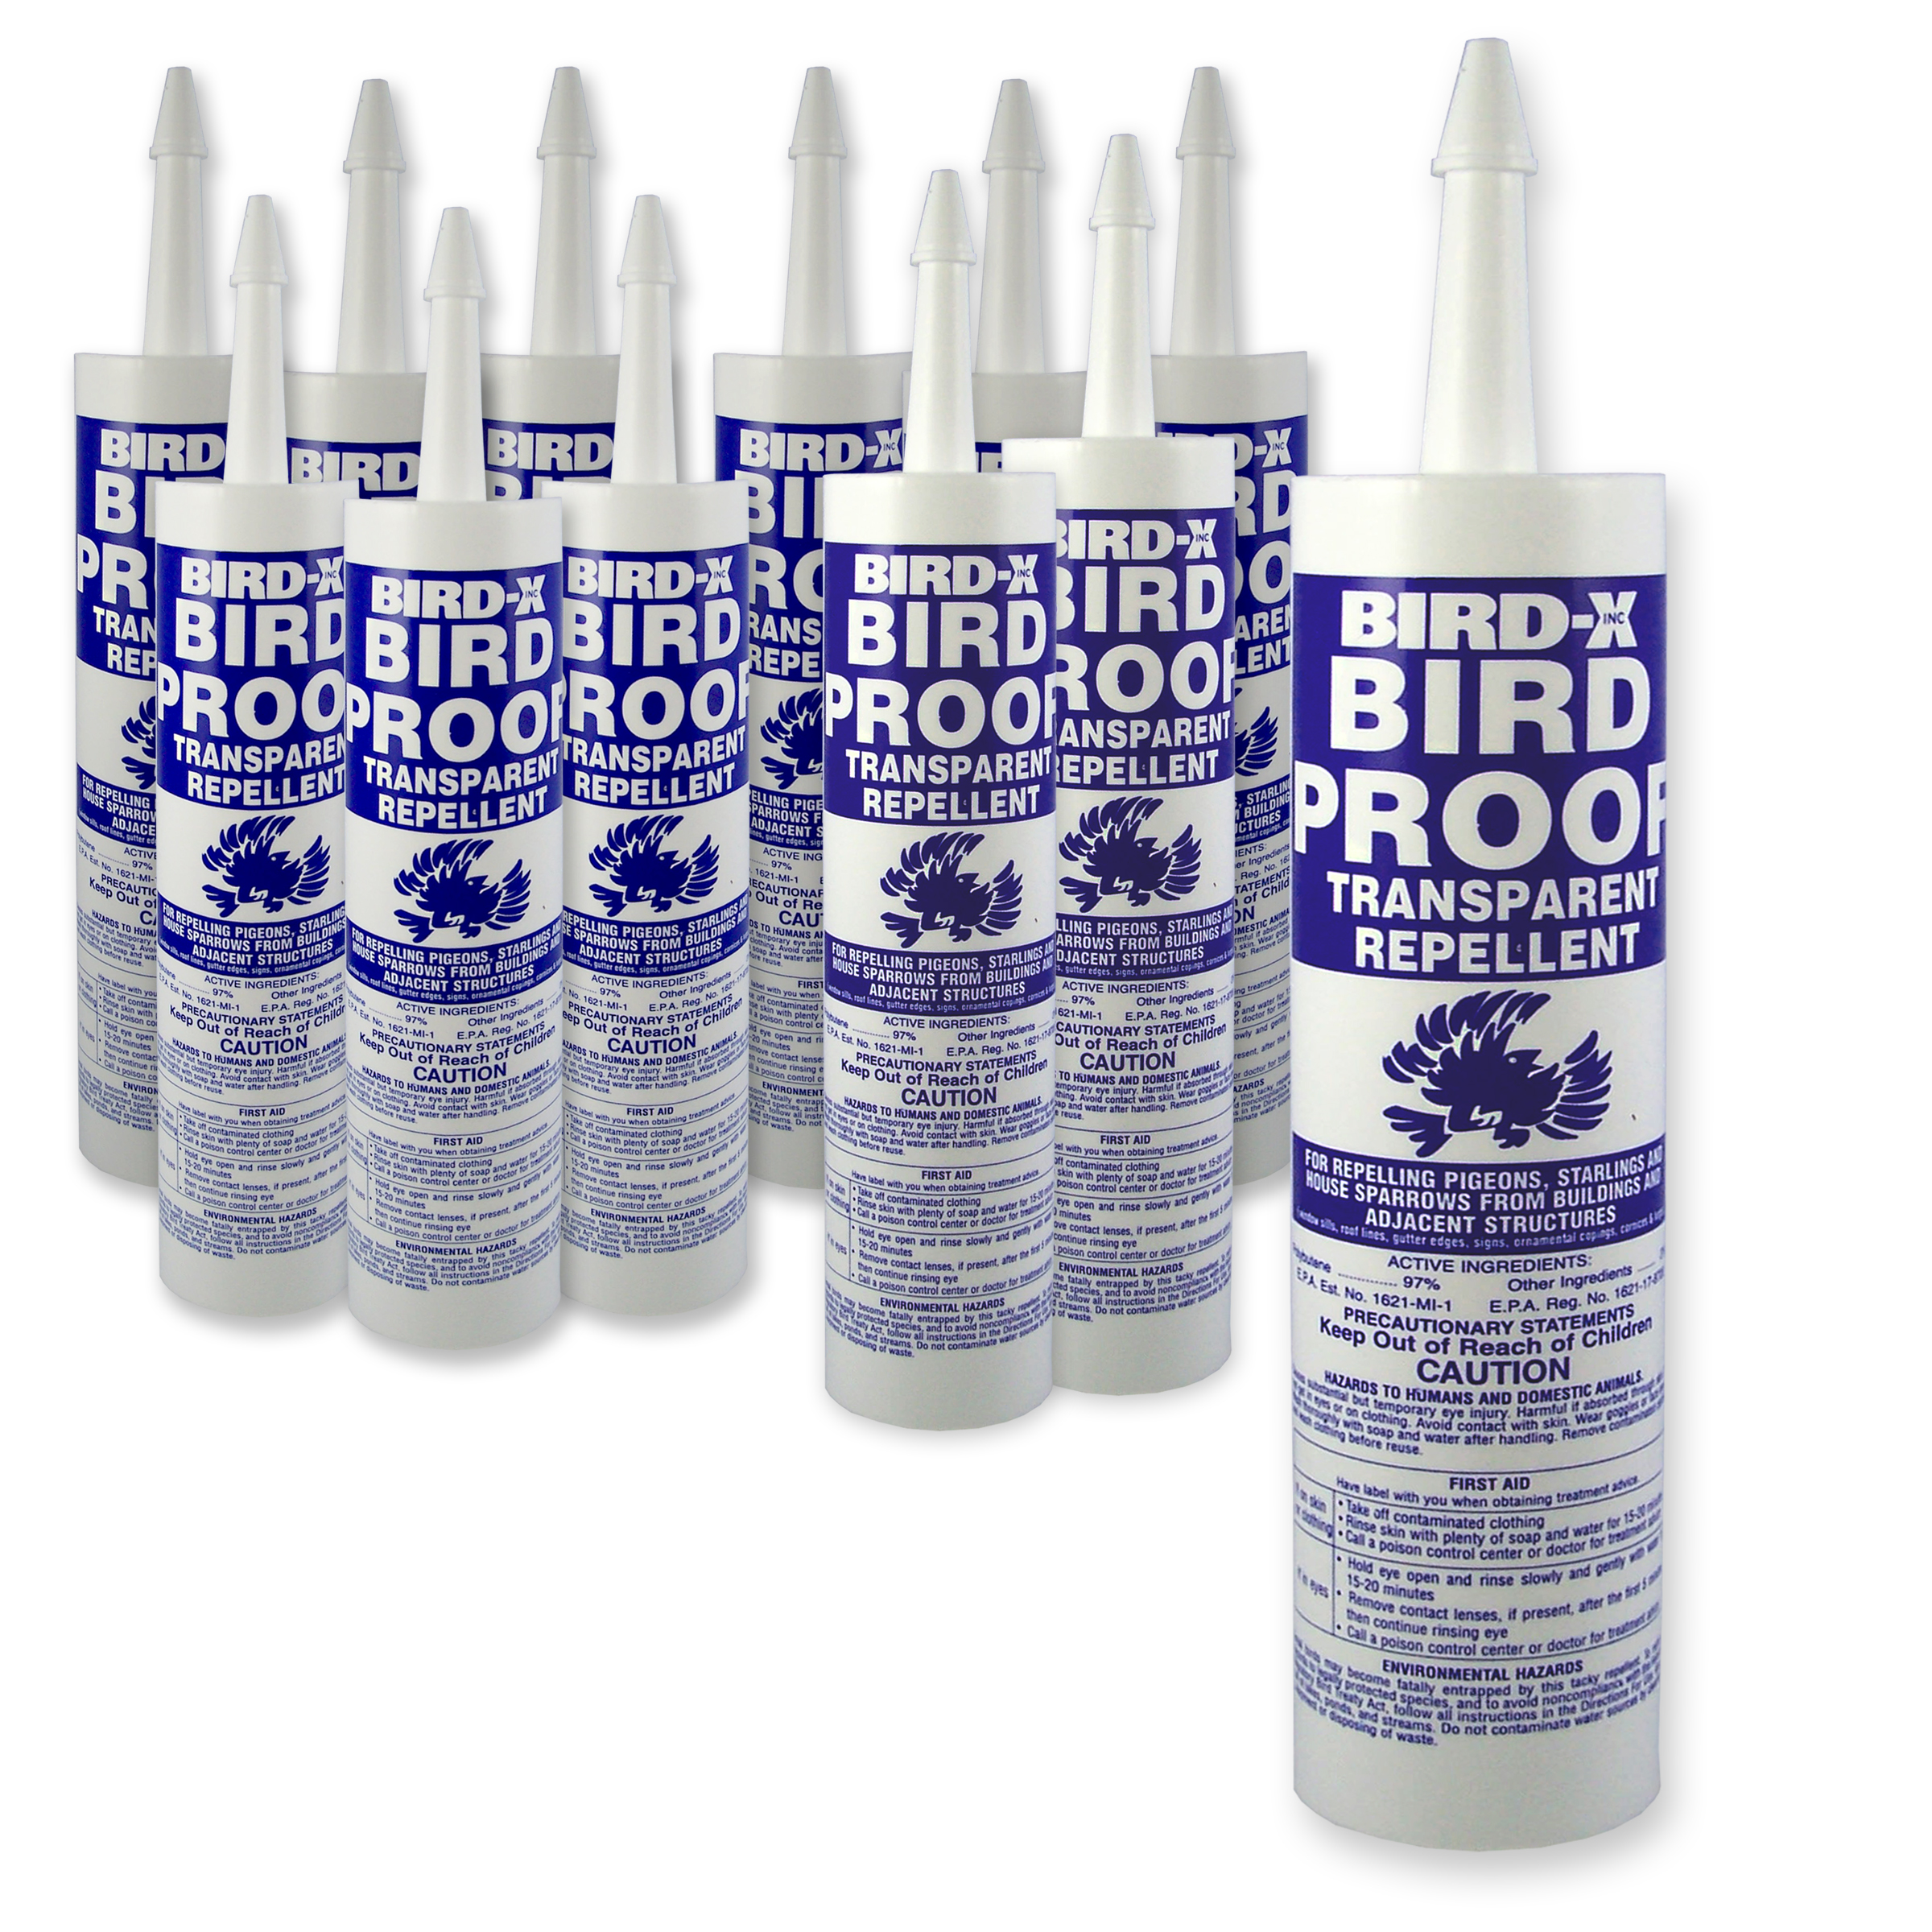 Bird-X Bird Proof Transparent Repellent